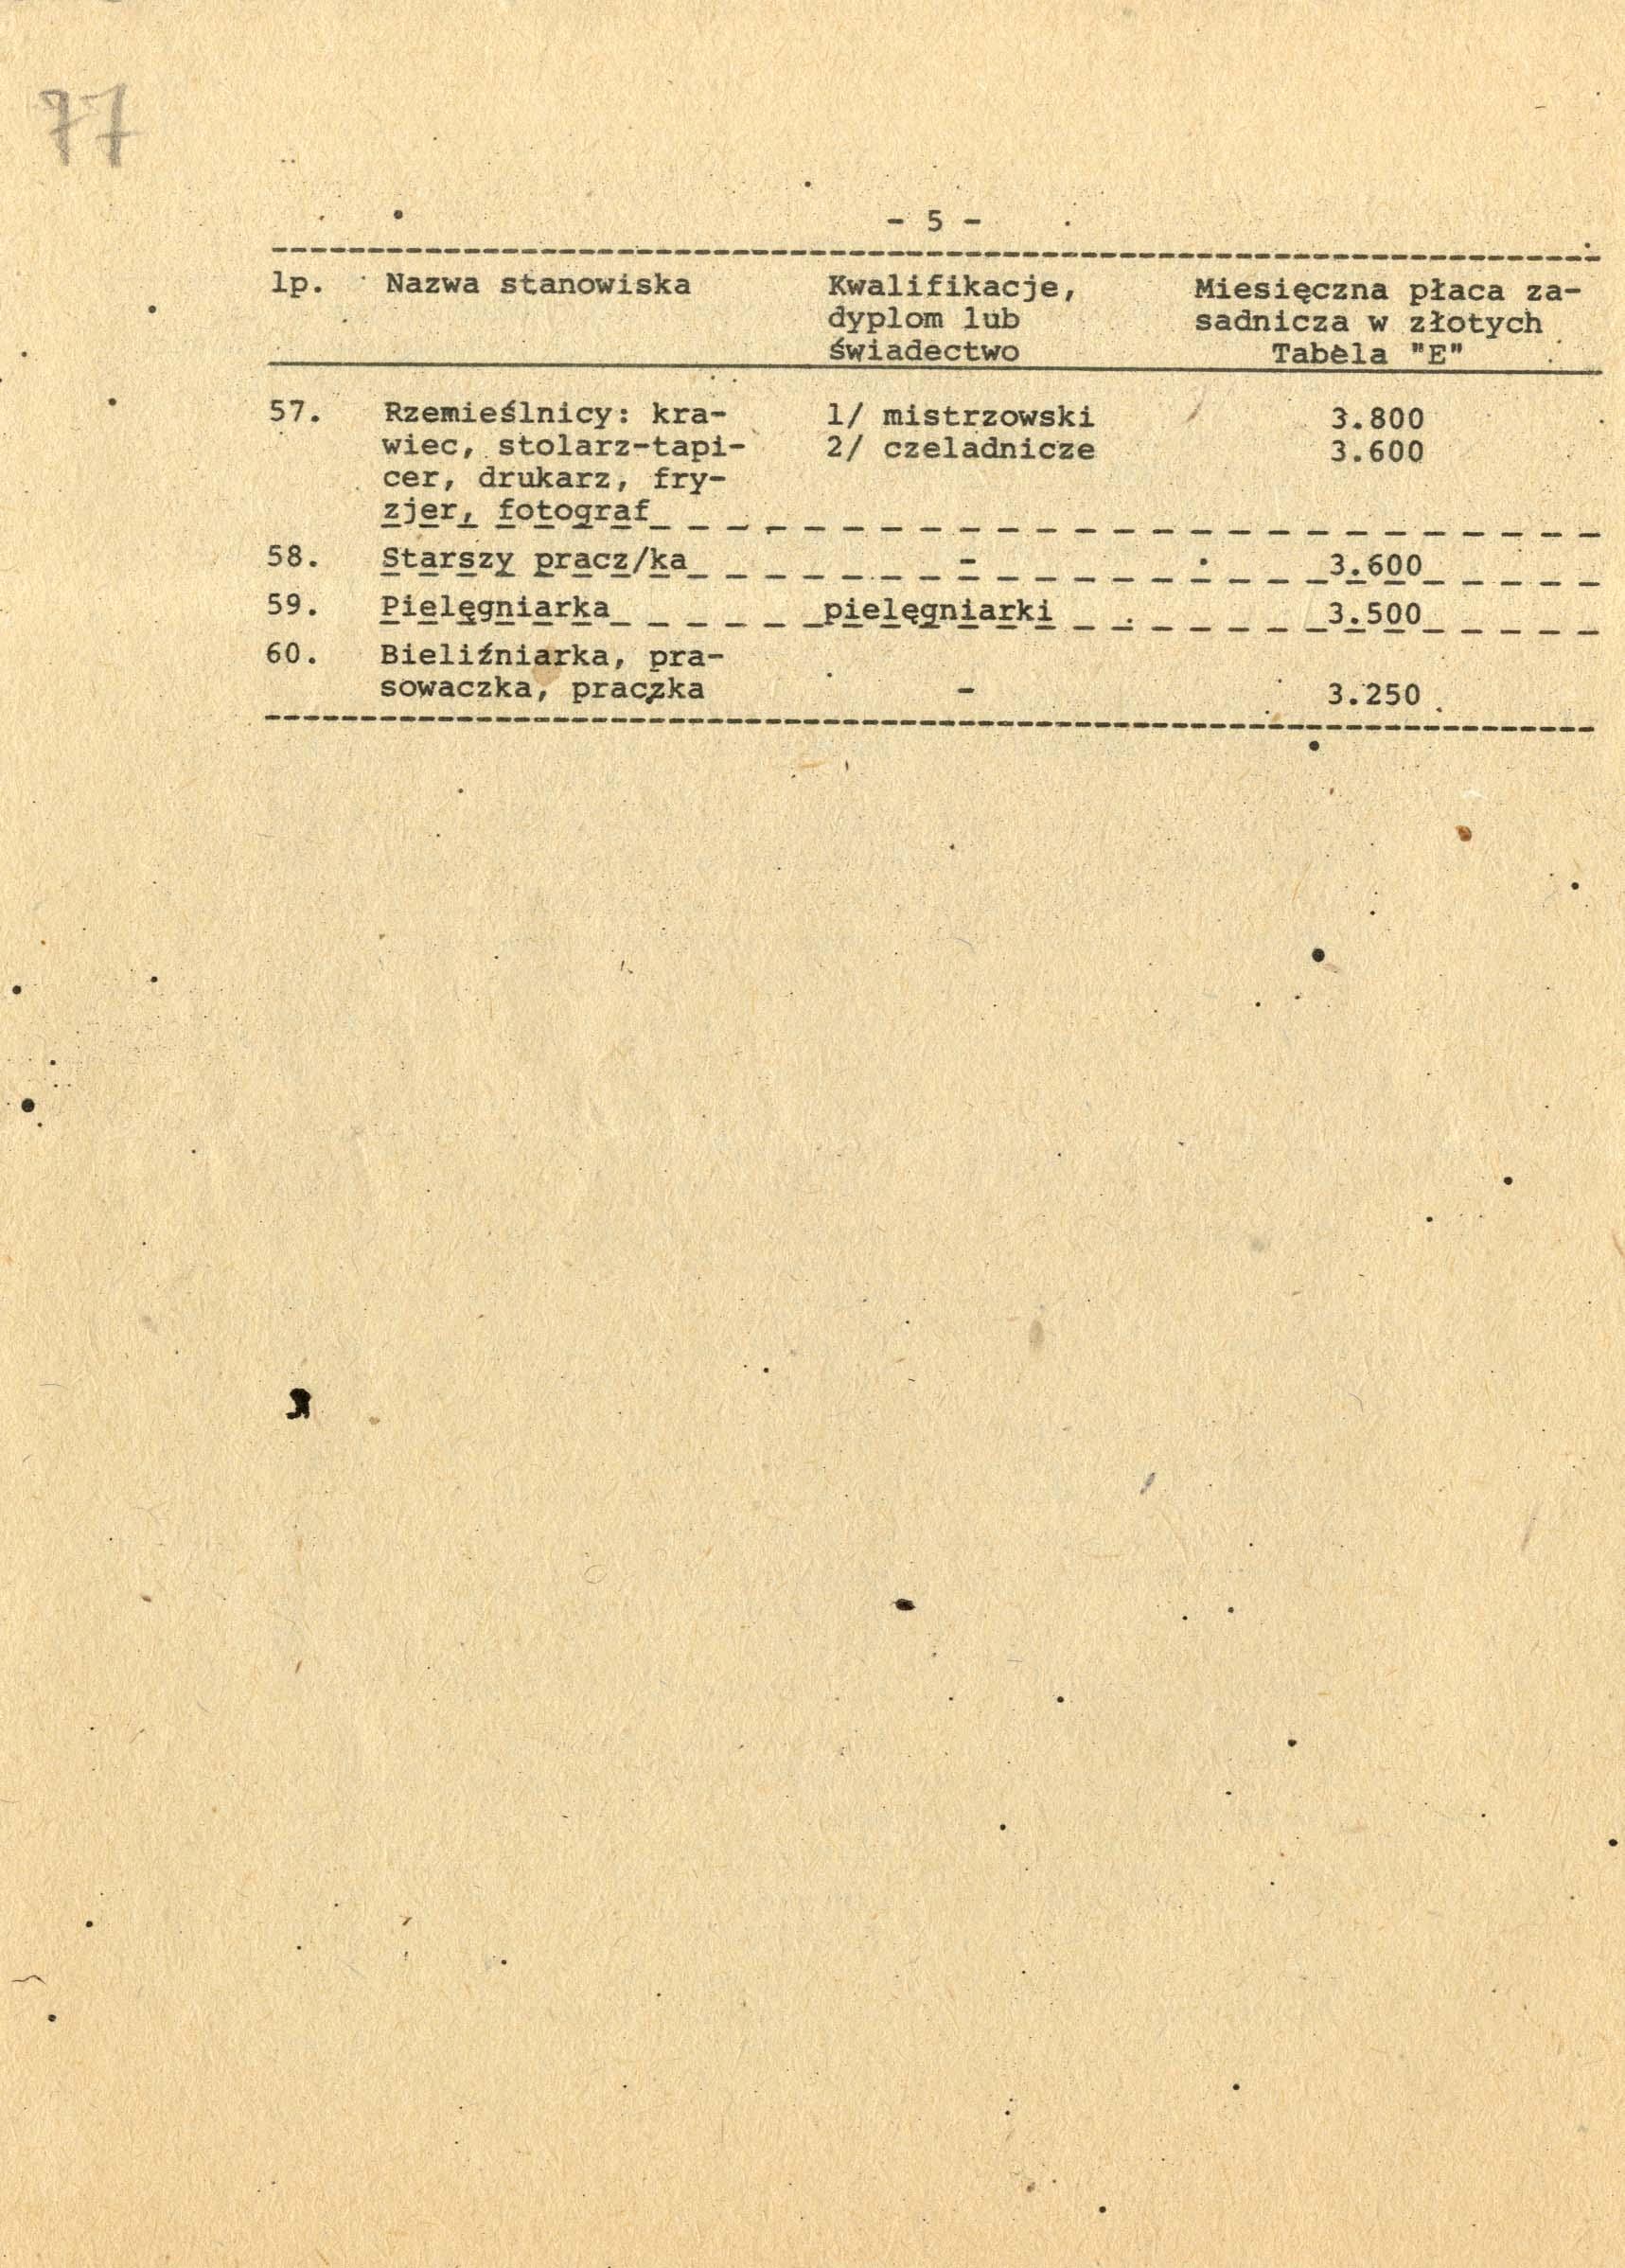 62.AKKS-347-112-1-077